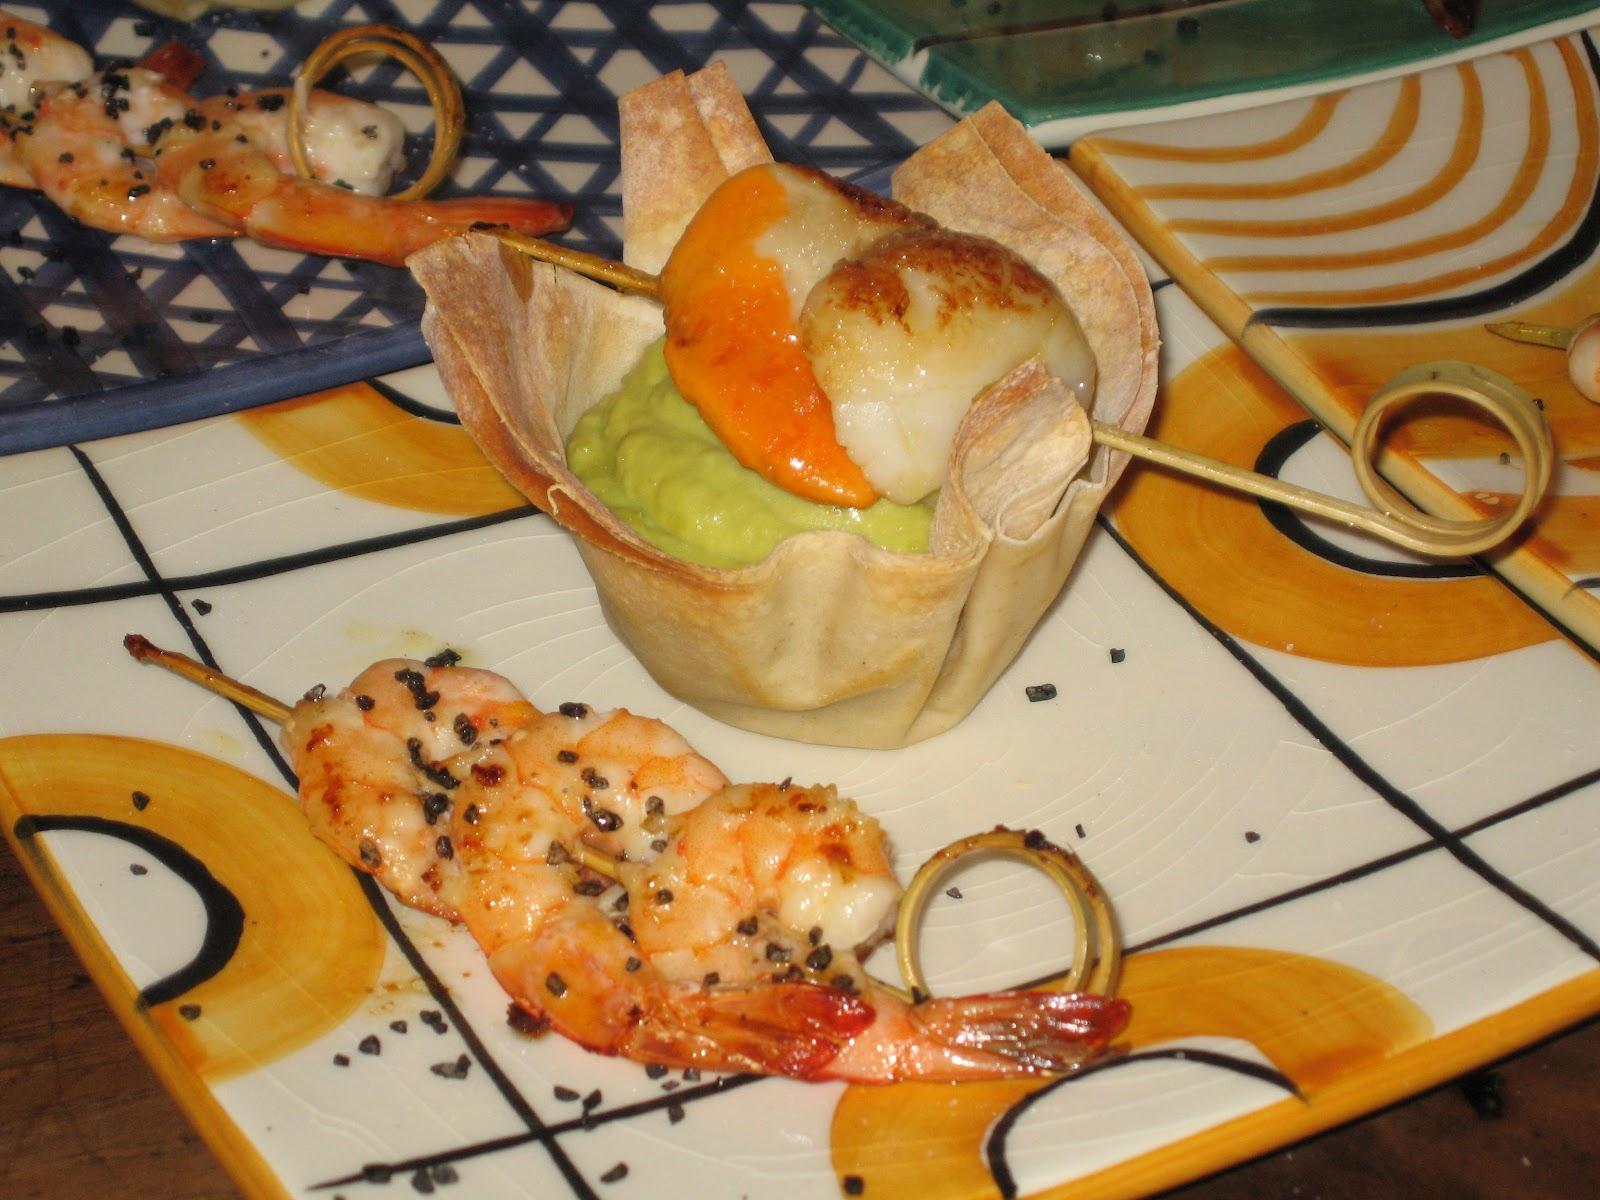 Lella gourmand pesce il solito ma non al solito for Non e il solito brodo